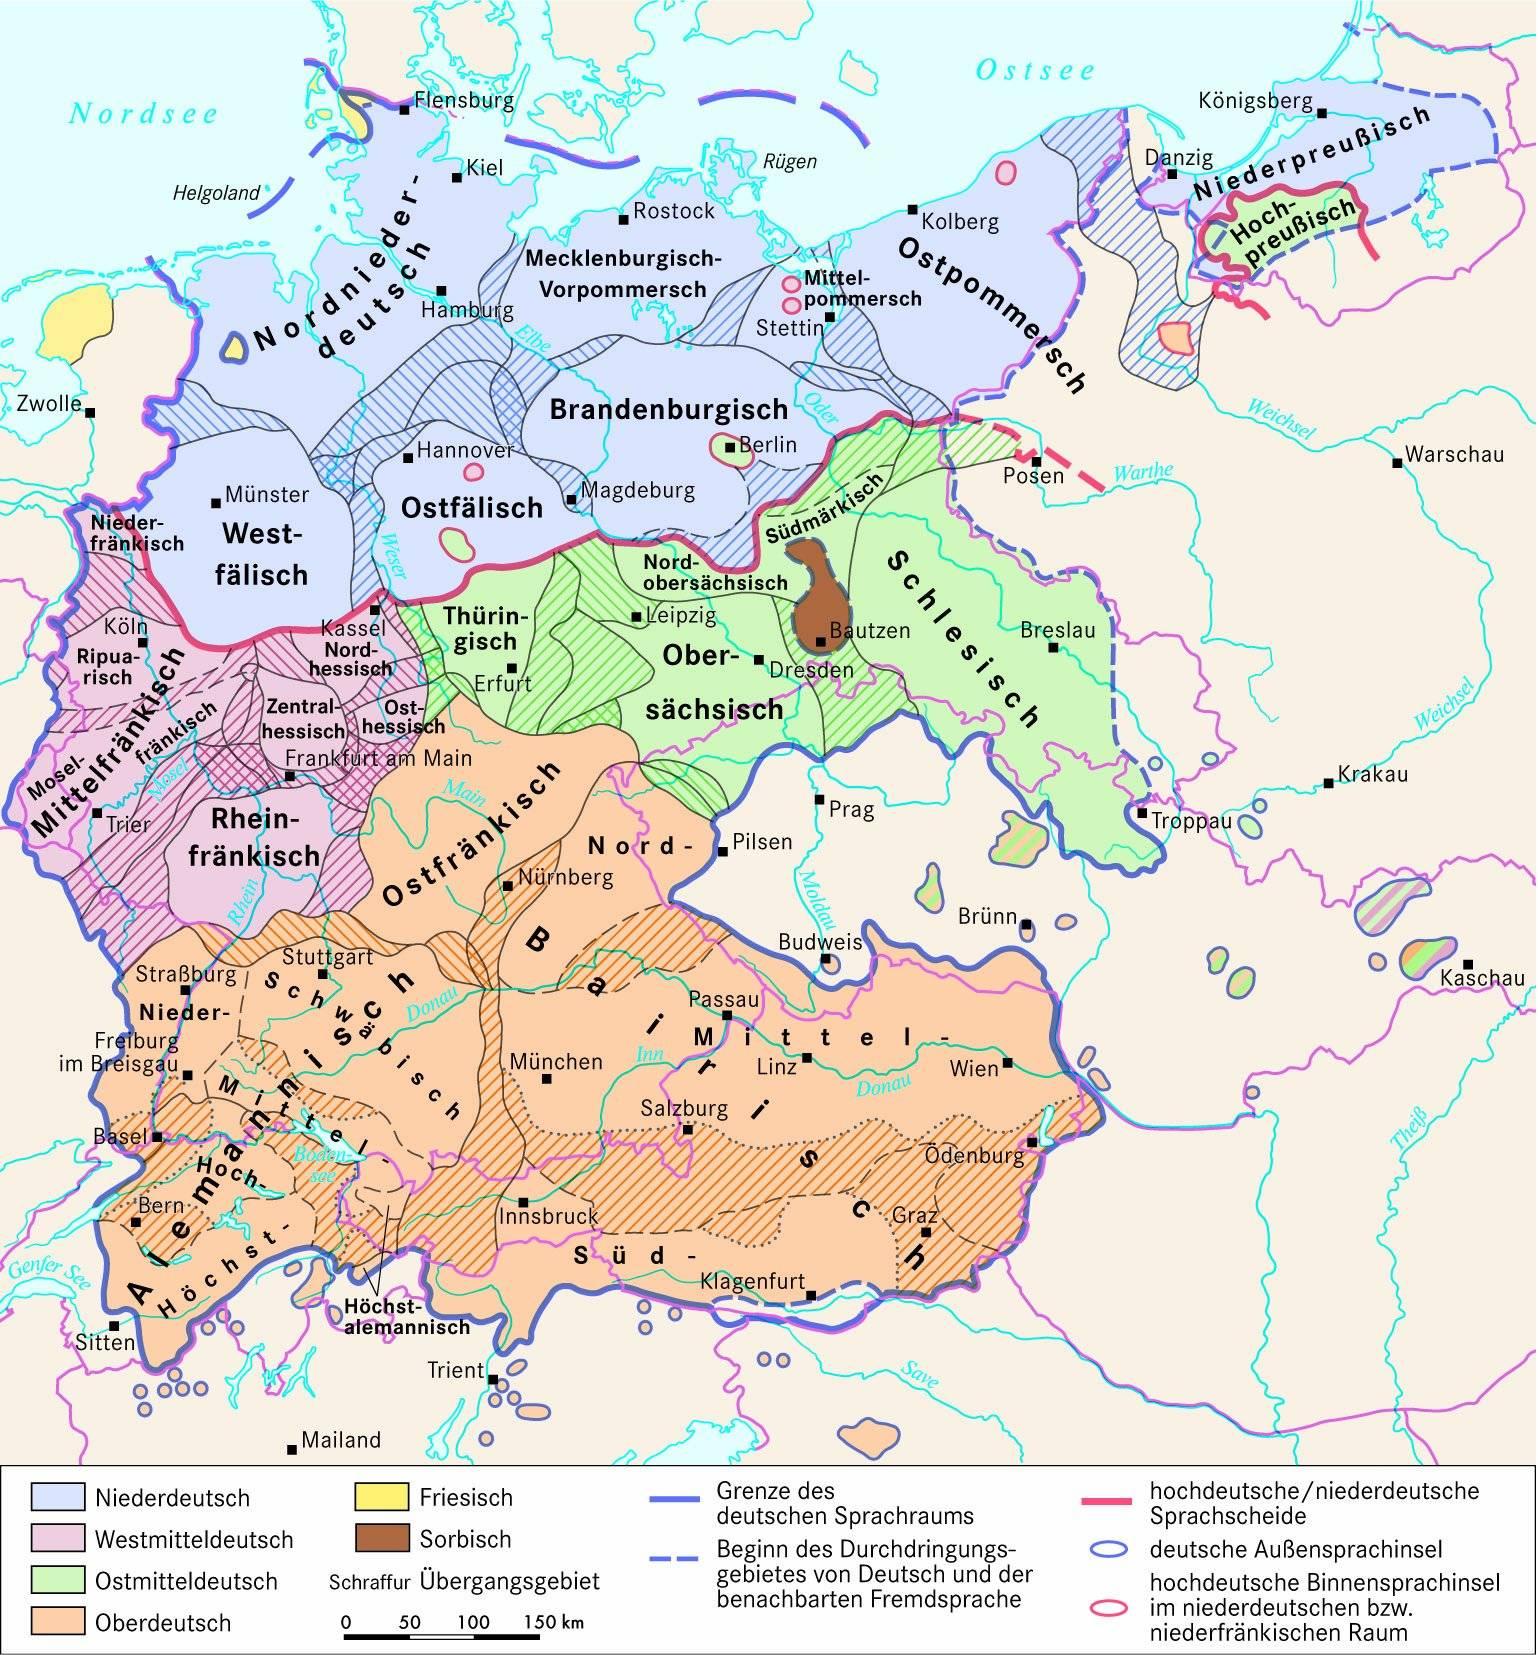 В каких странах говорят на немецком языке кроме германии?